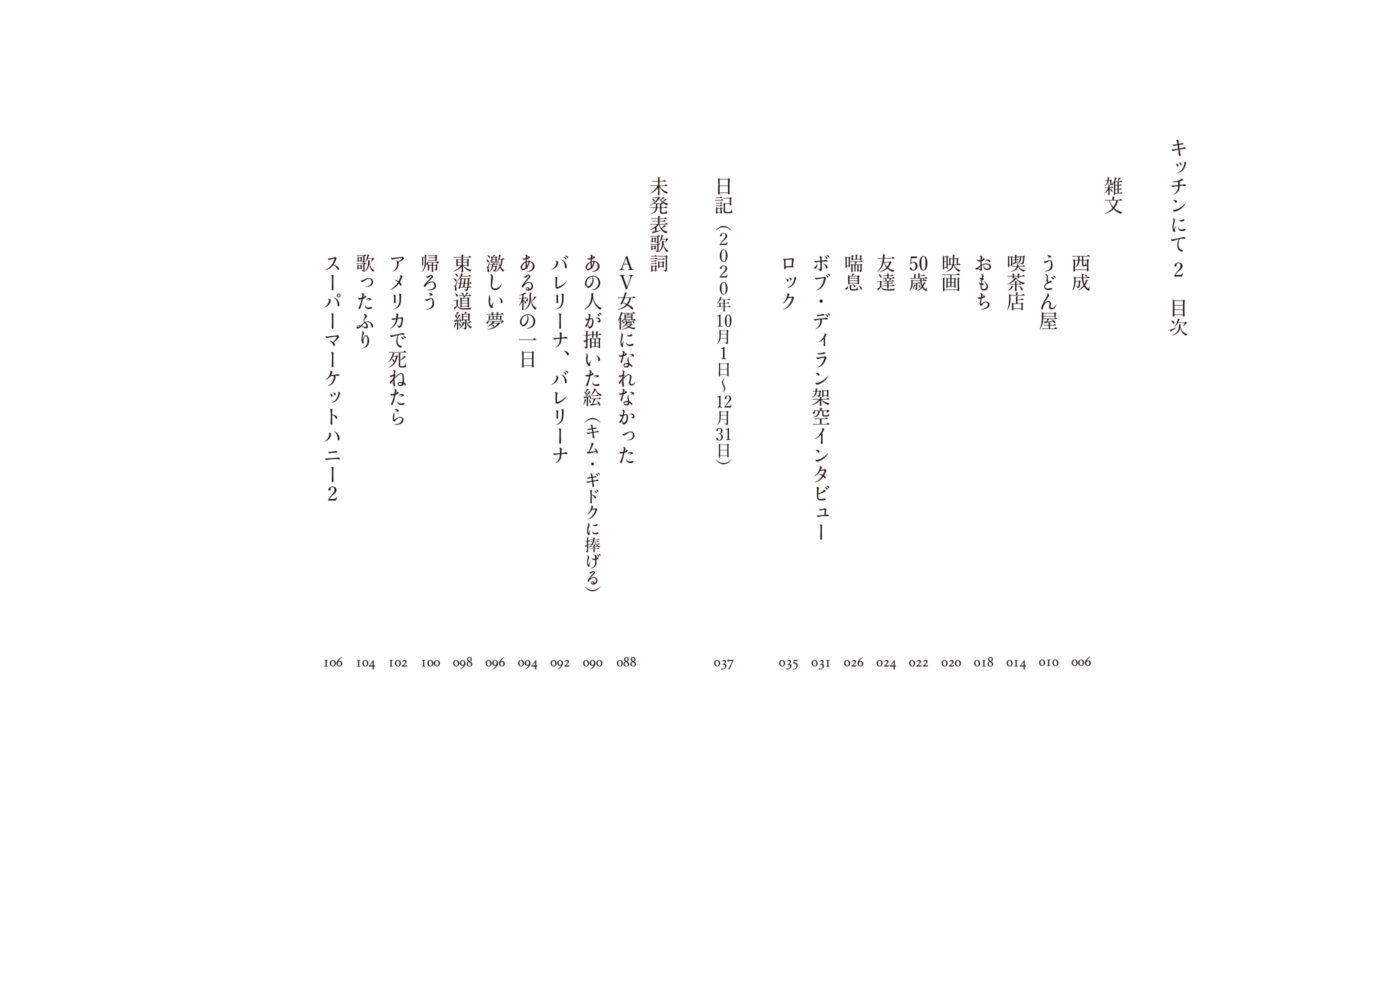 シンガーソングライター・豊田道倫が10編のエッセイ、3カ月分の日記、10曲の未発表歌詞を収録した『キッチンにて2』を発表。